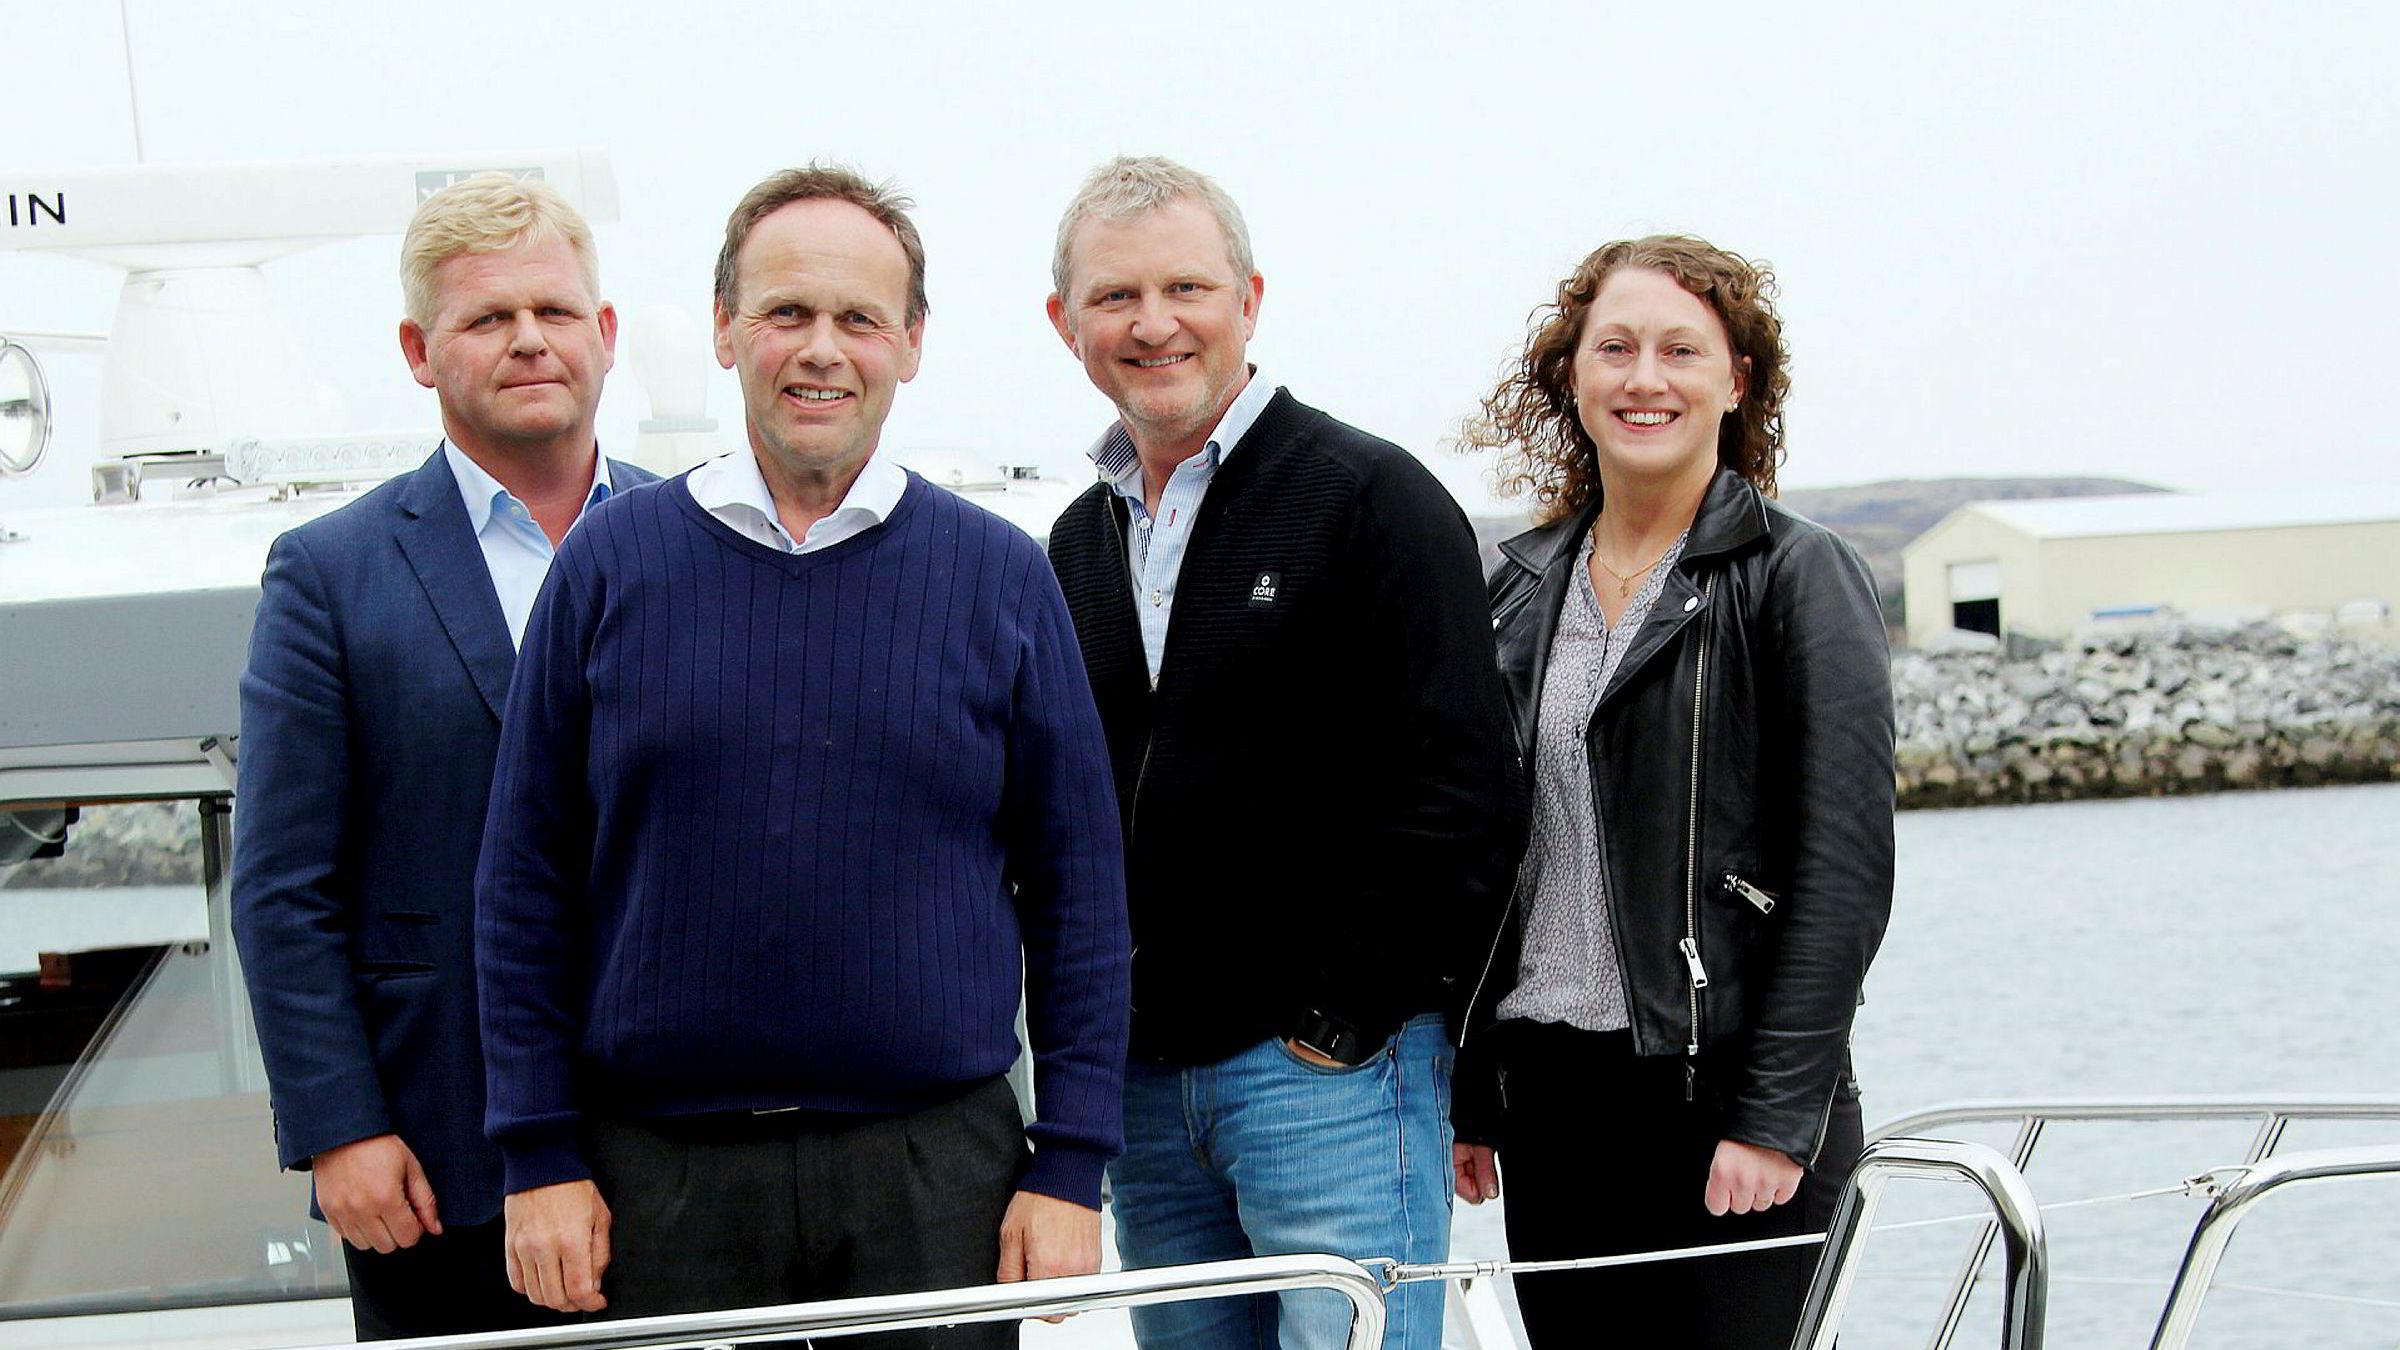 De slår sammen sine to største selskaper i oppdrettsnæringen. Fra venstre styreleder Roger Granheim og administrerende direktør Harry Bøe i NTS og eierne i Midt-Norsk Havbruk (MNH) Roald Dolmen og Solvår Hallesdatter Hardesty.